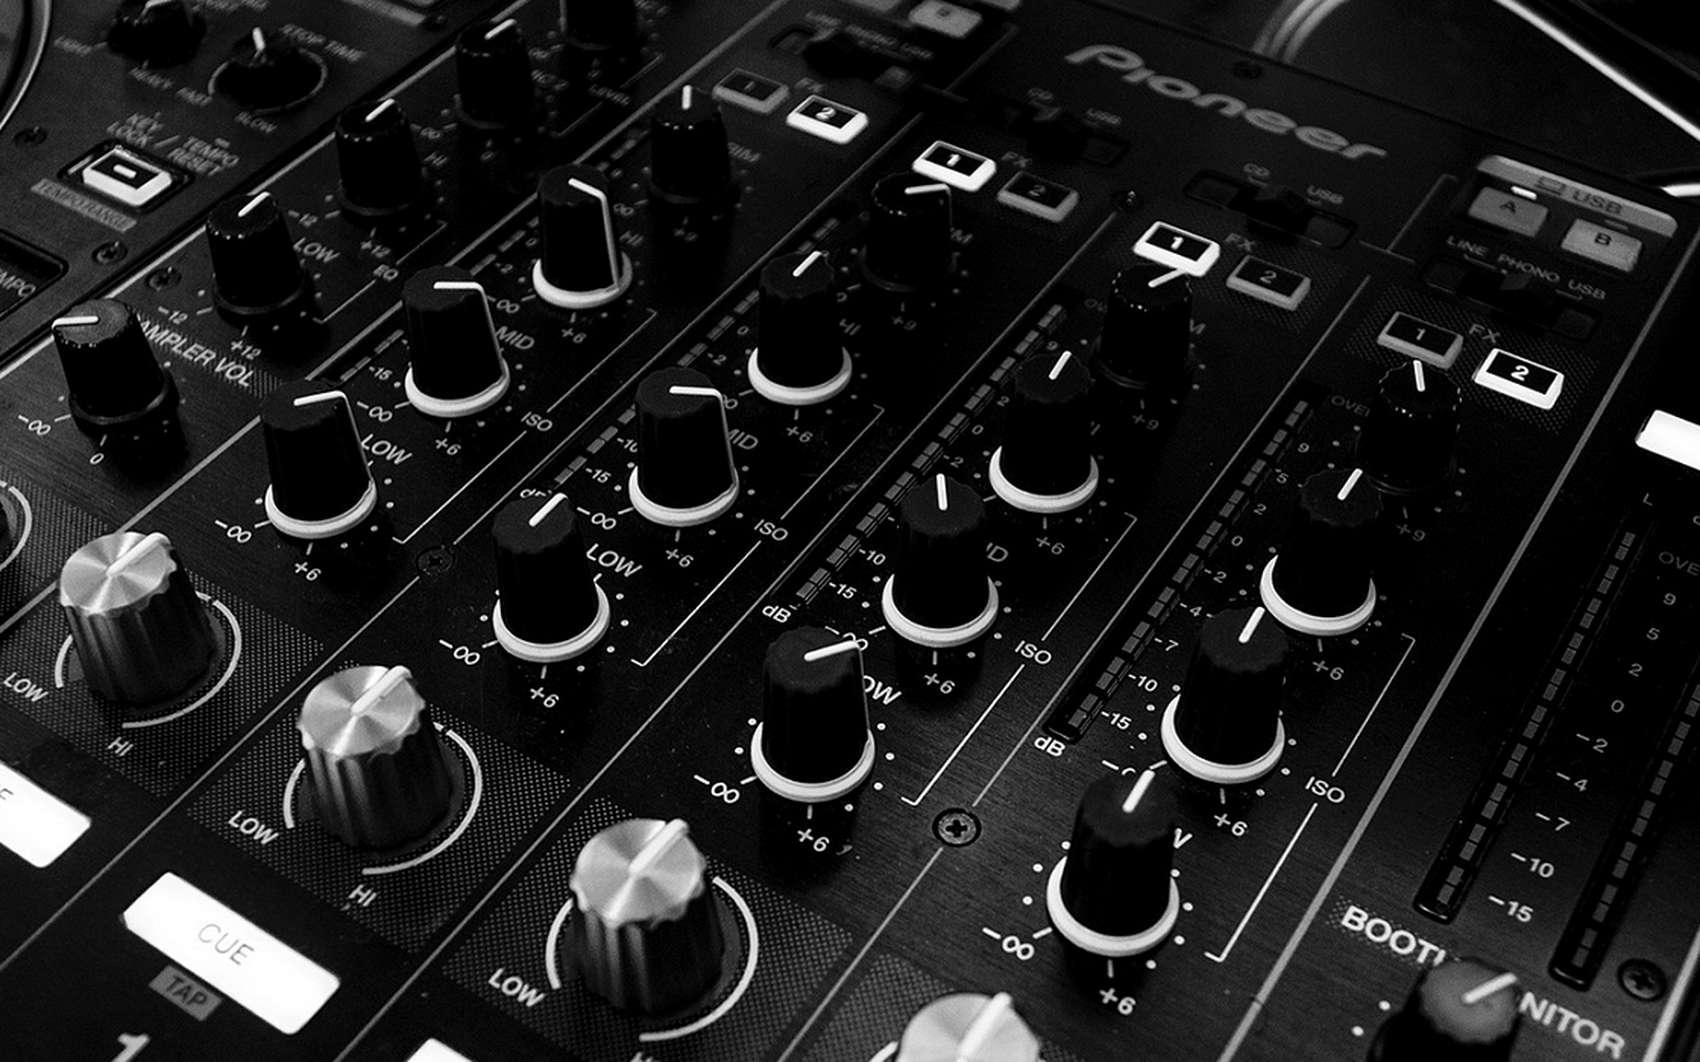 Les logiciels de conversion audio permettent de modifier facilement le format et la compression des fichiers musicaux. © Pixabay.com